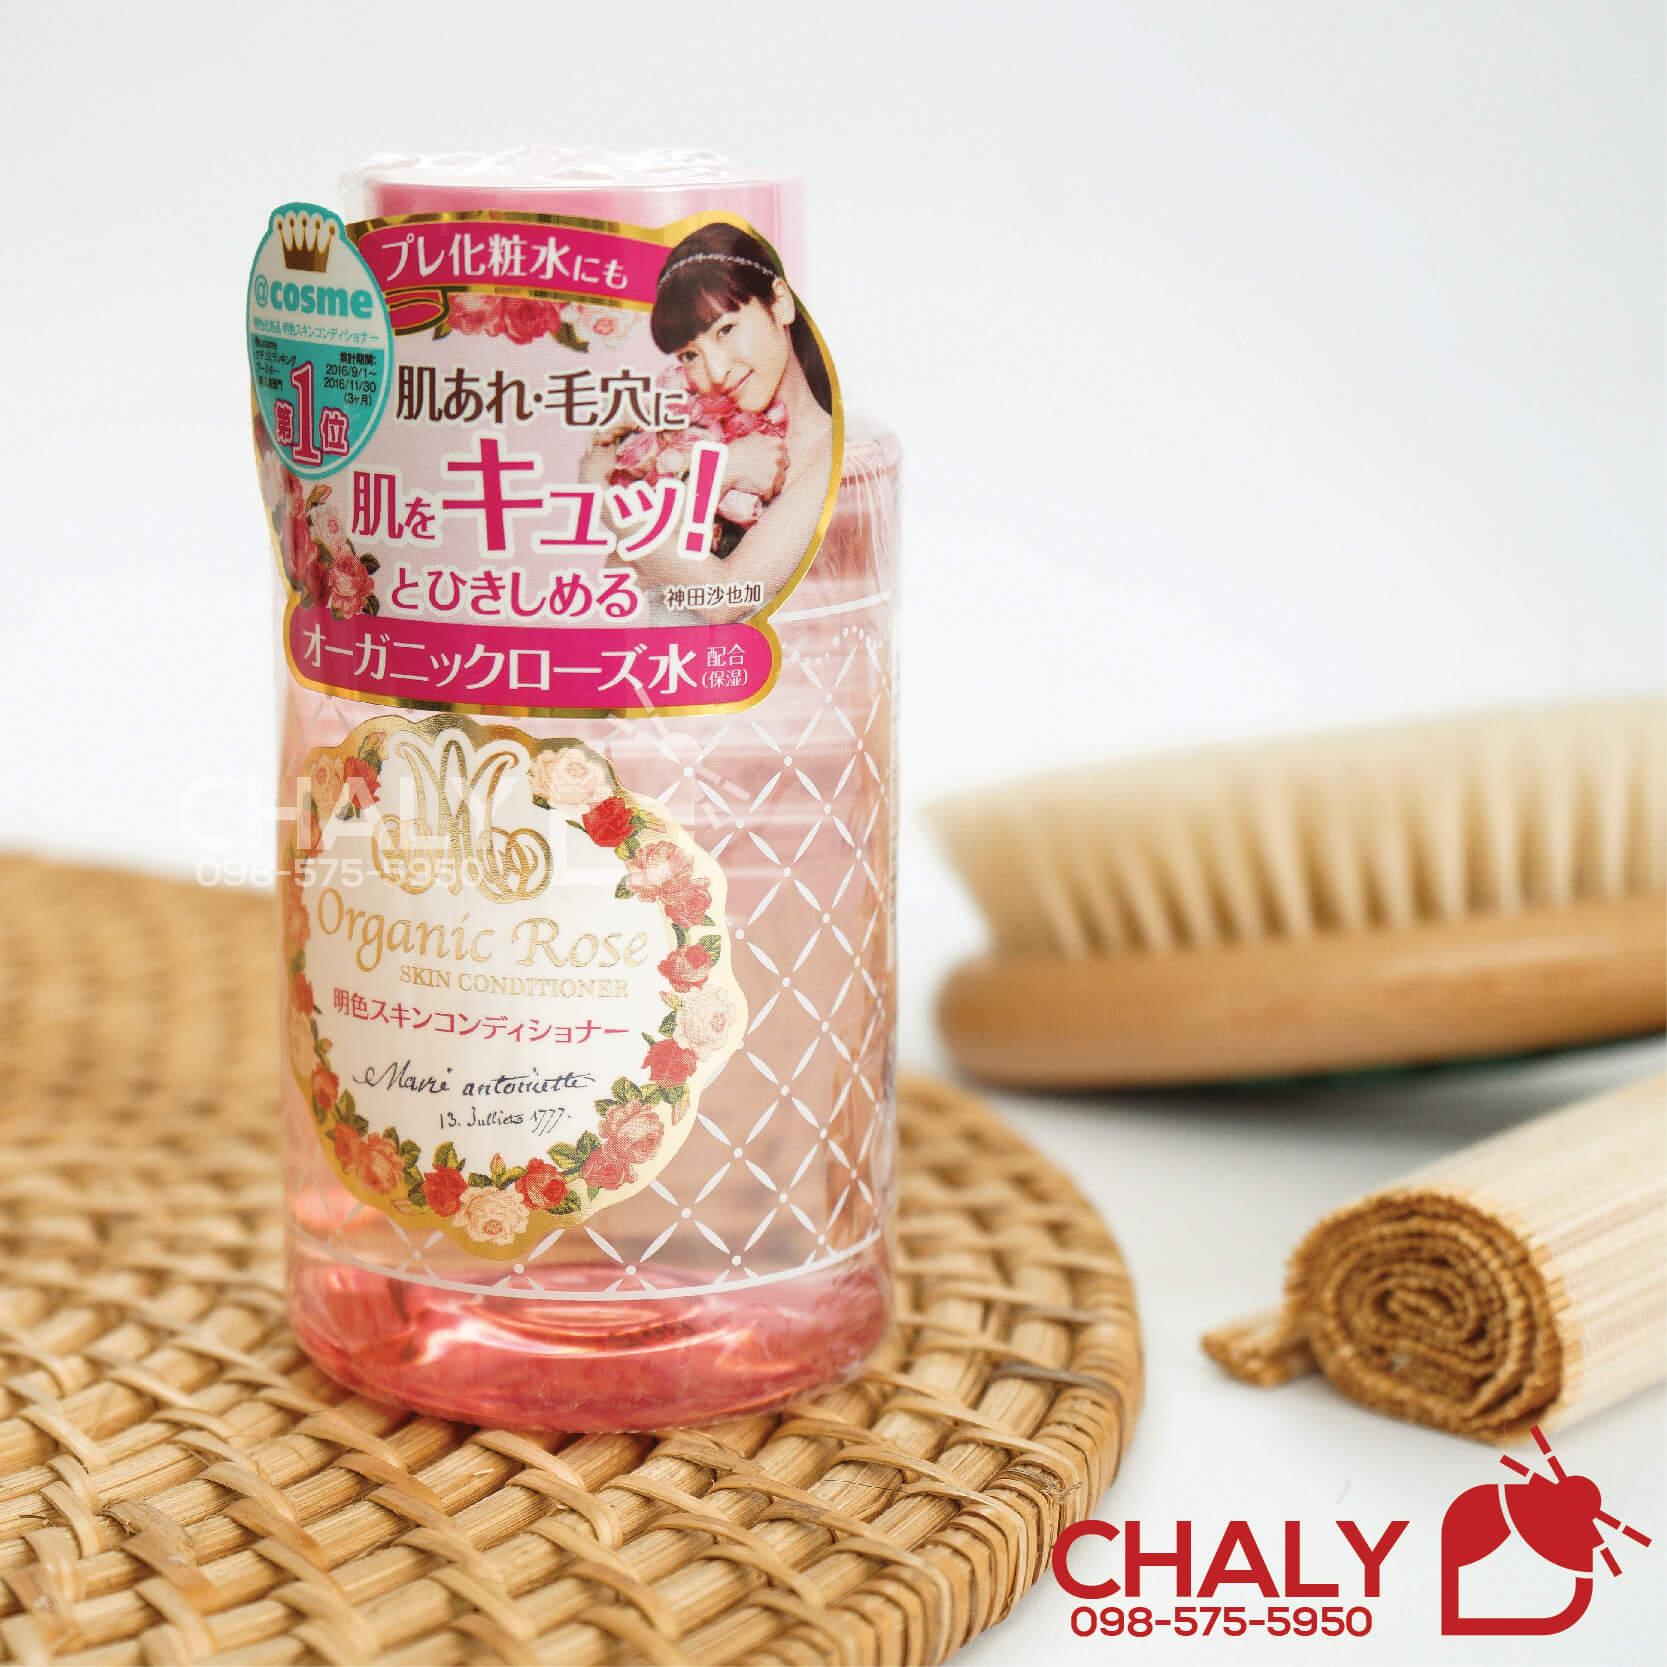 Nước hoa hồng Organic Rose màu hồng của hãng Meishoku Japan có cực kỳ nhiều ưu điểm, giá thành rẻ khiến chị em yêu thích